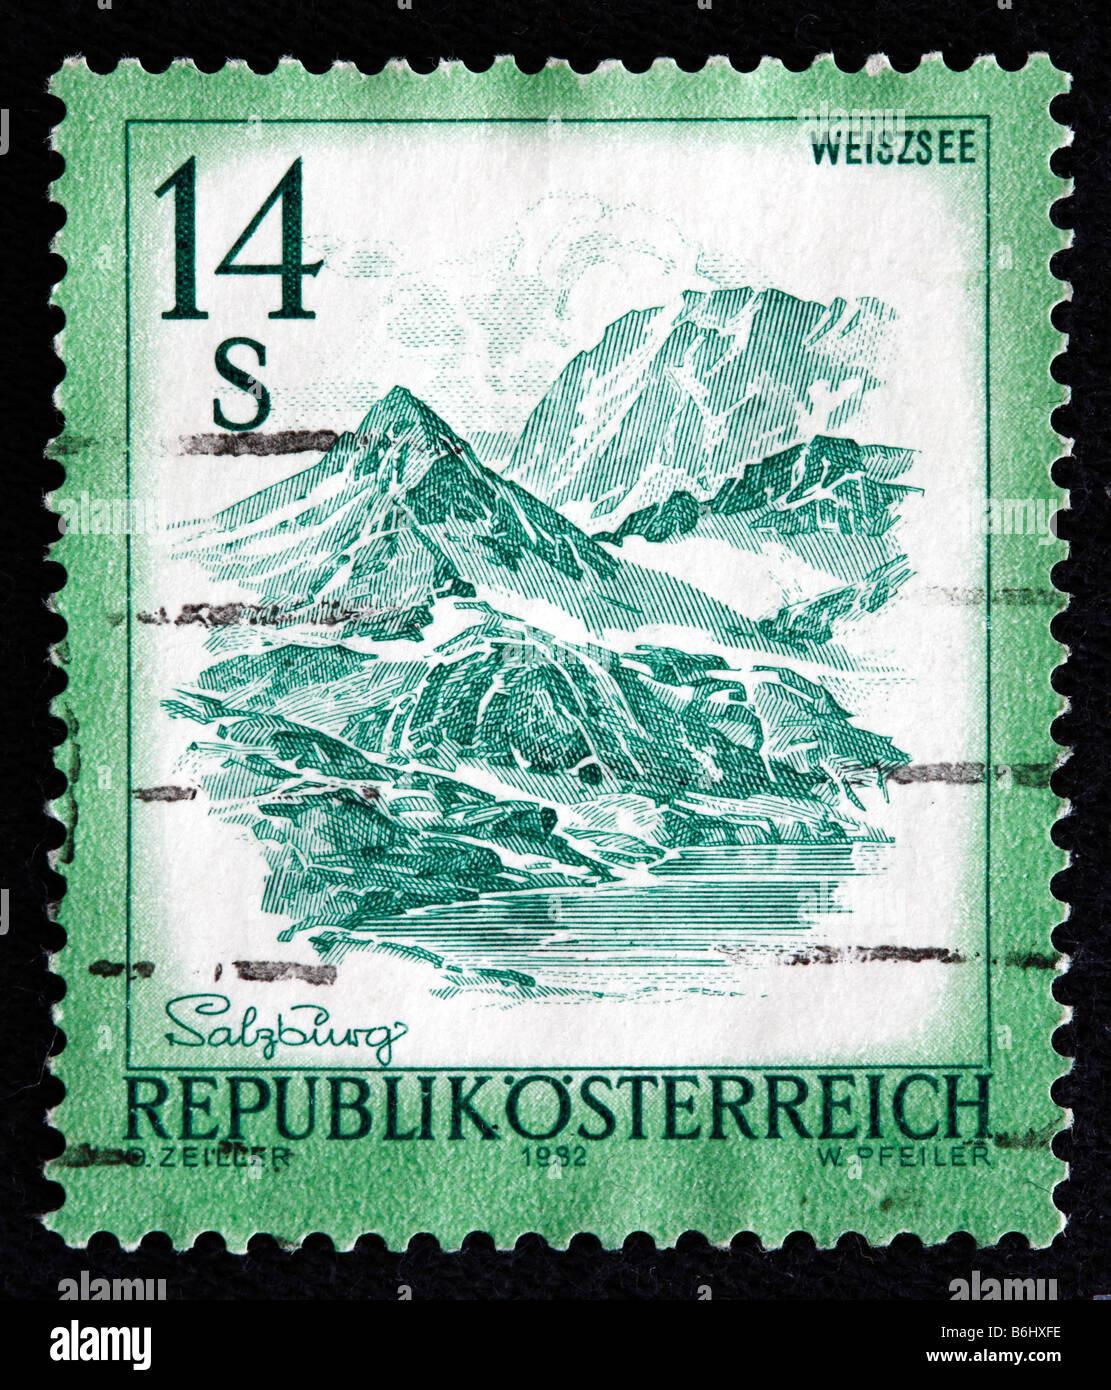 Mount Weiszsee Briefmarke Osterreich 1982 Stockbild